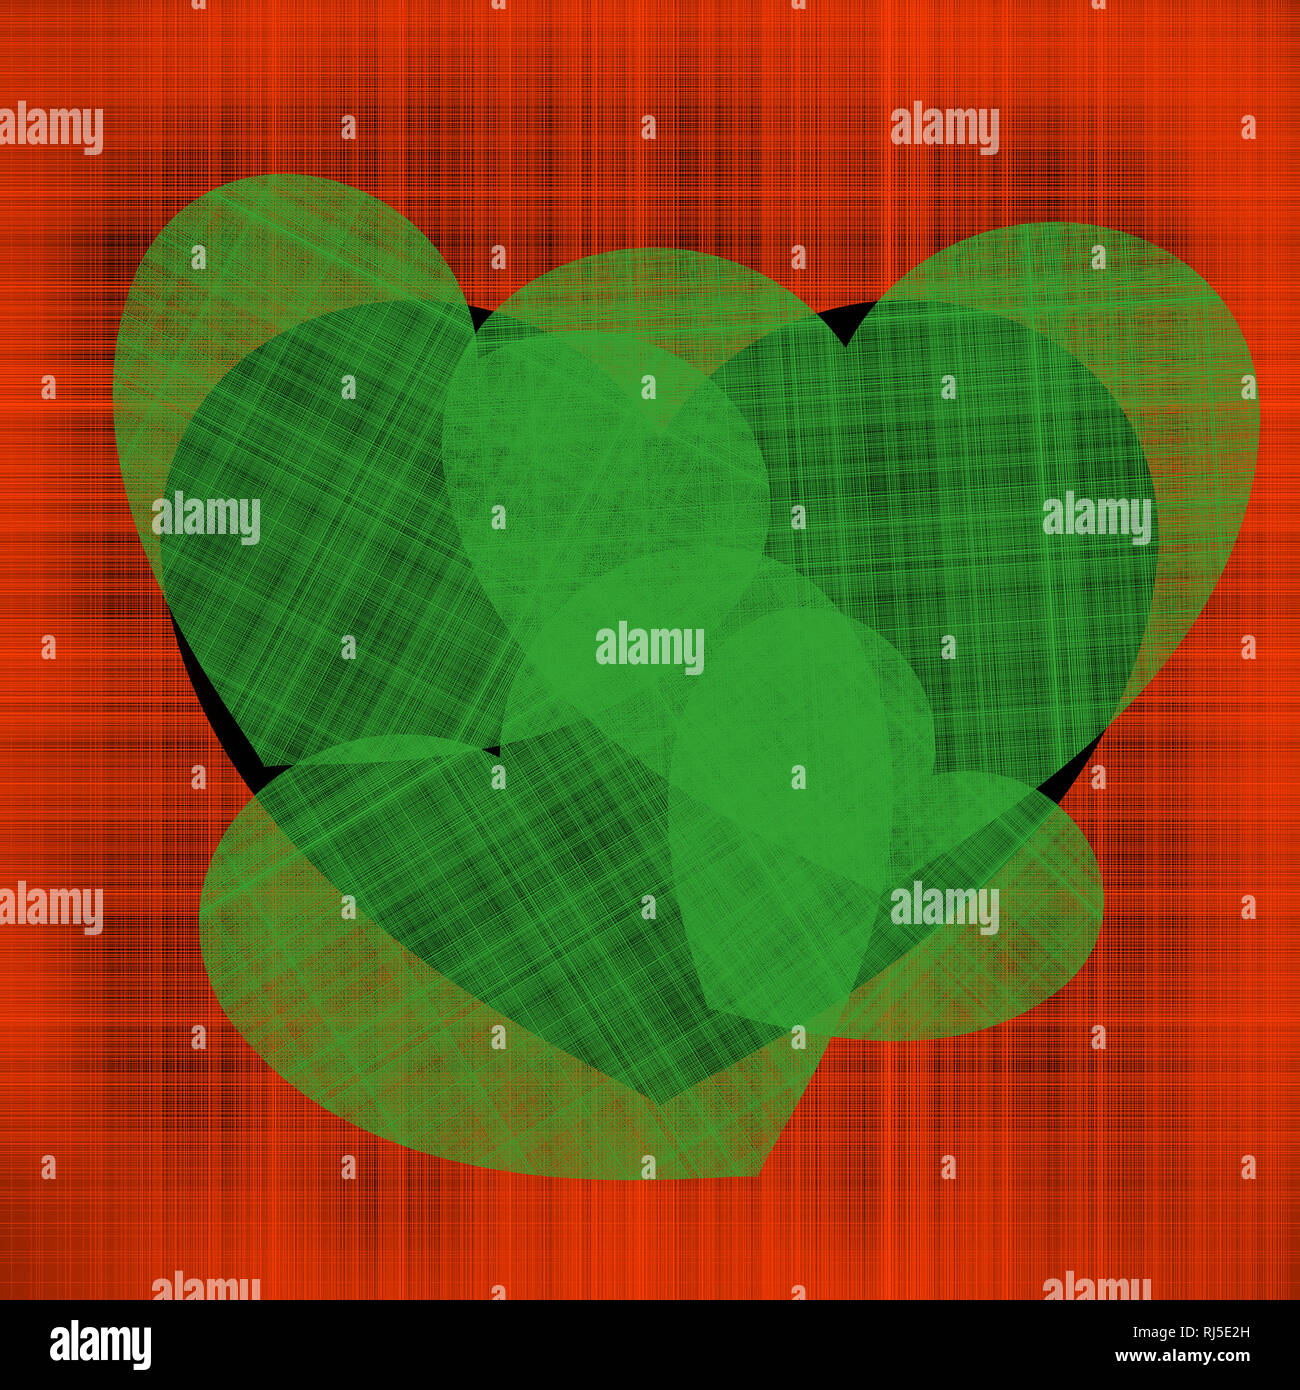 Kontrast Abbildung für den Valentinstag viele grüne Herzen verschiedener Größen auf einem schwarzen Herzen auf einem Hintergrund von Roten verschlungenen Fäden Stockbild